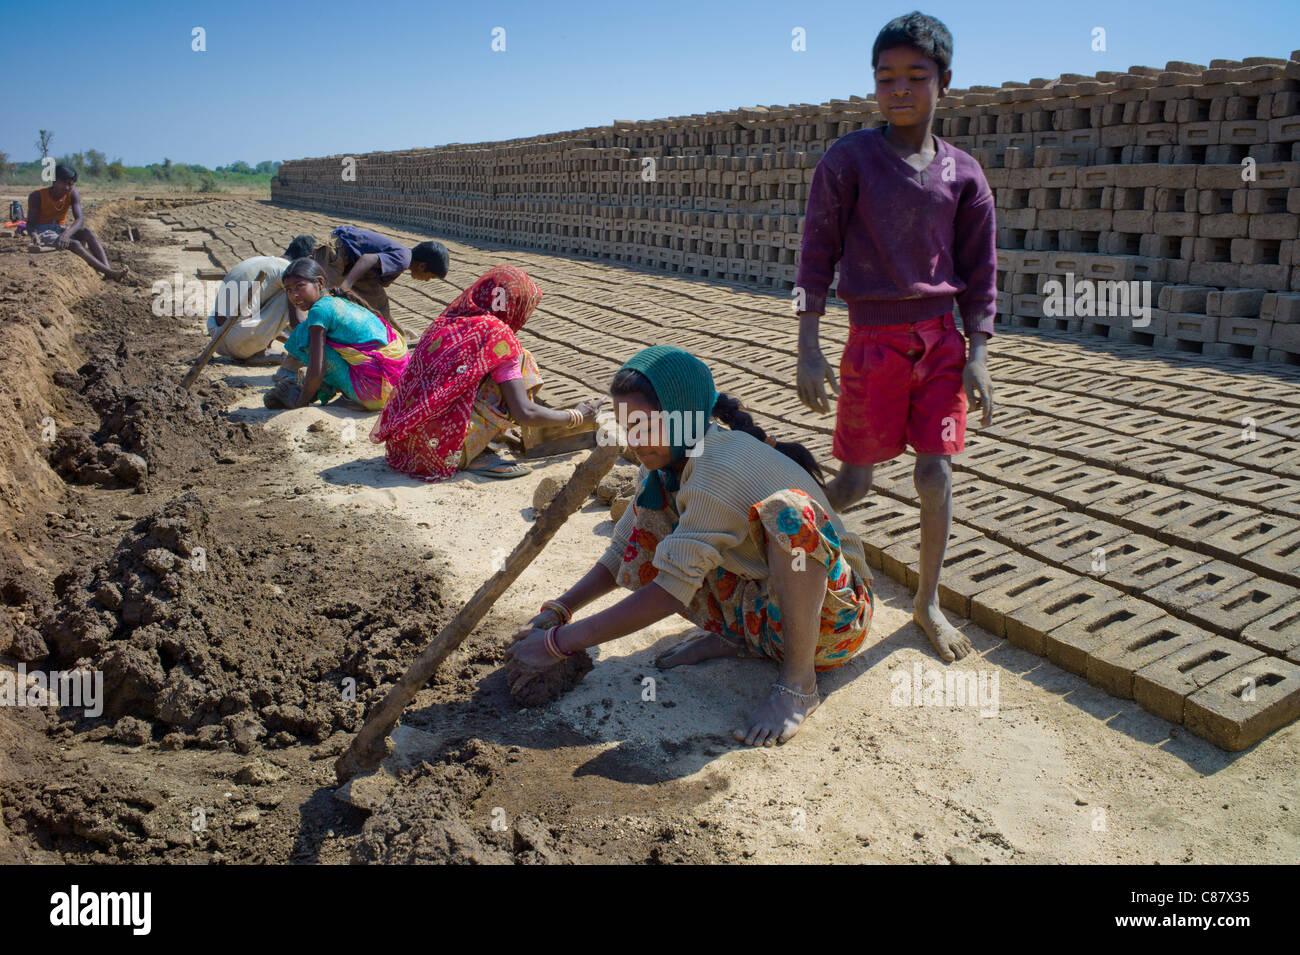 Indian family making bricks made from mud clay at Khore Bricks Factory, Rajasthan, Northern India - Stock Image